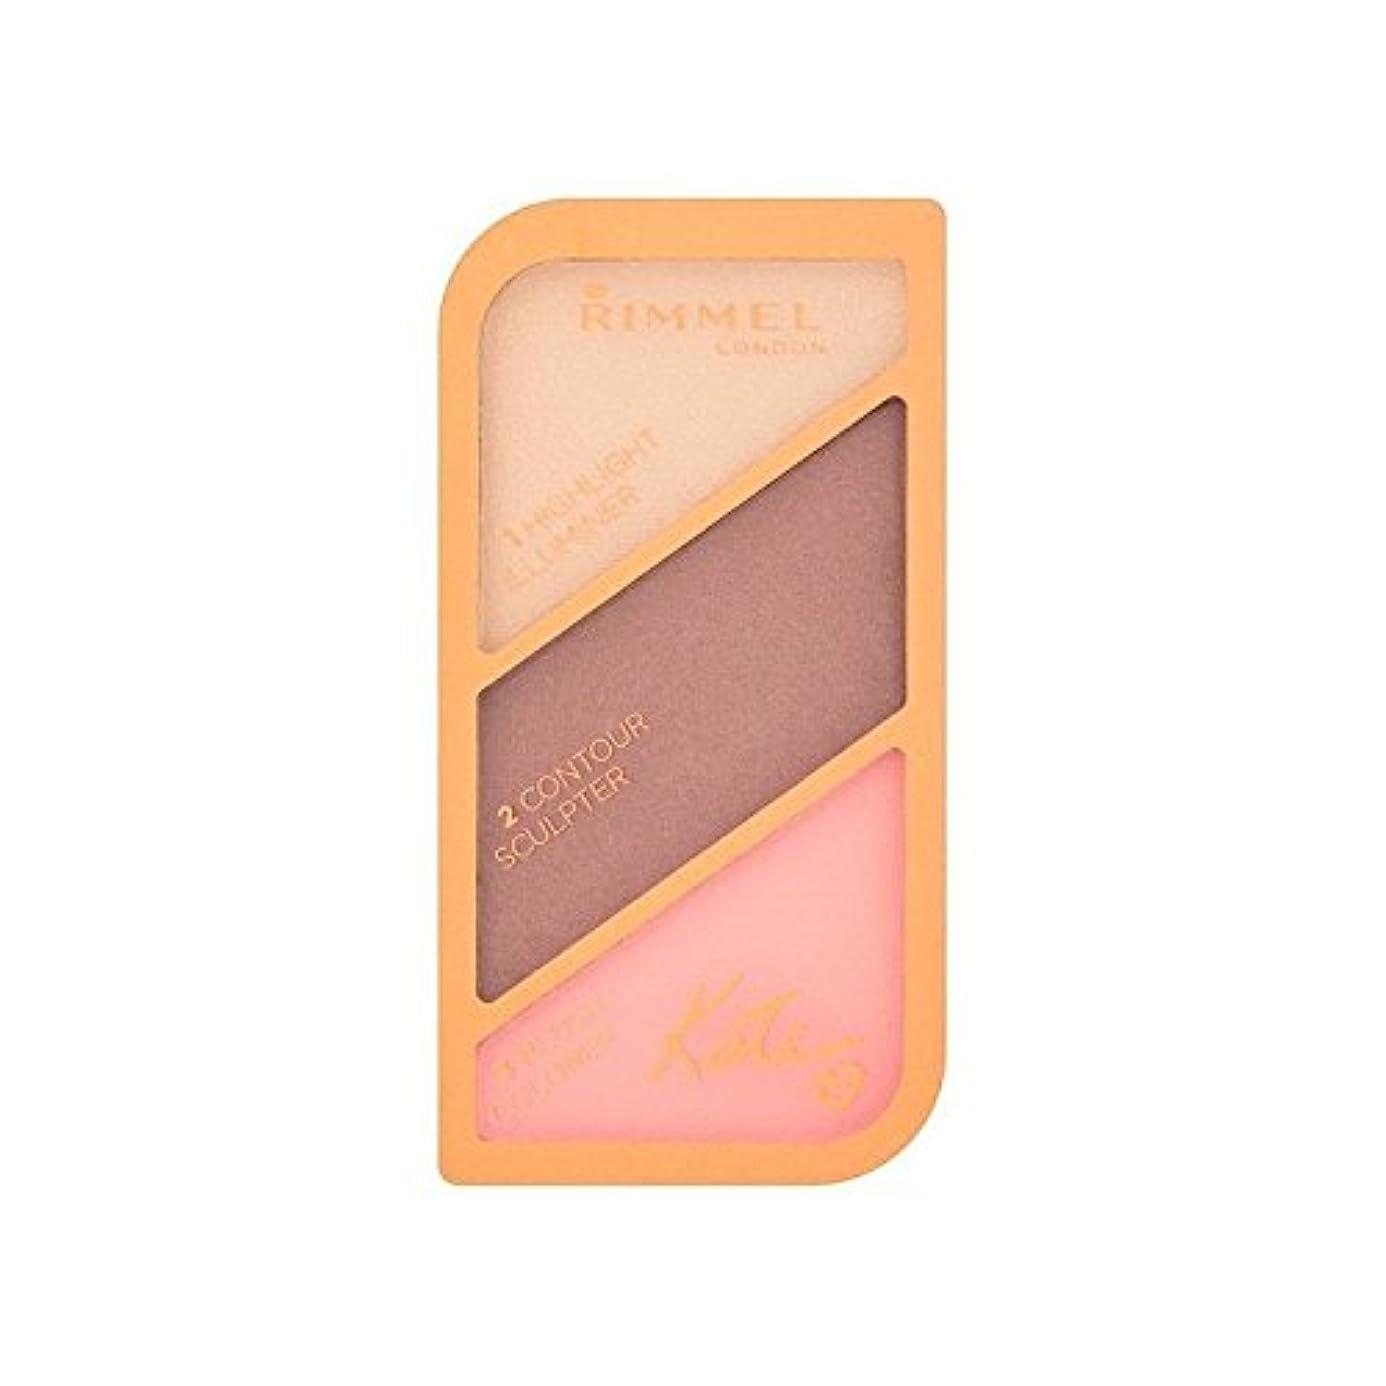 投資する悪化させる痛いRimmel Kate Moss Sculpting Palette Golden Bronze 003 (Pack of 6) - リンメルケイト?モスの彫刻パレット黄金のブロンズ003 x6 [並行輸入品]